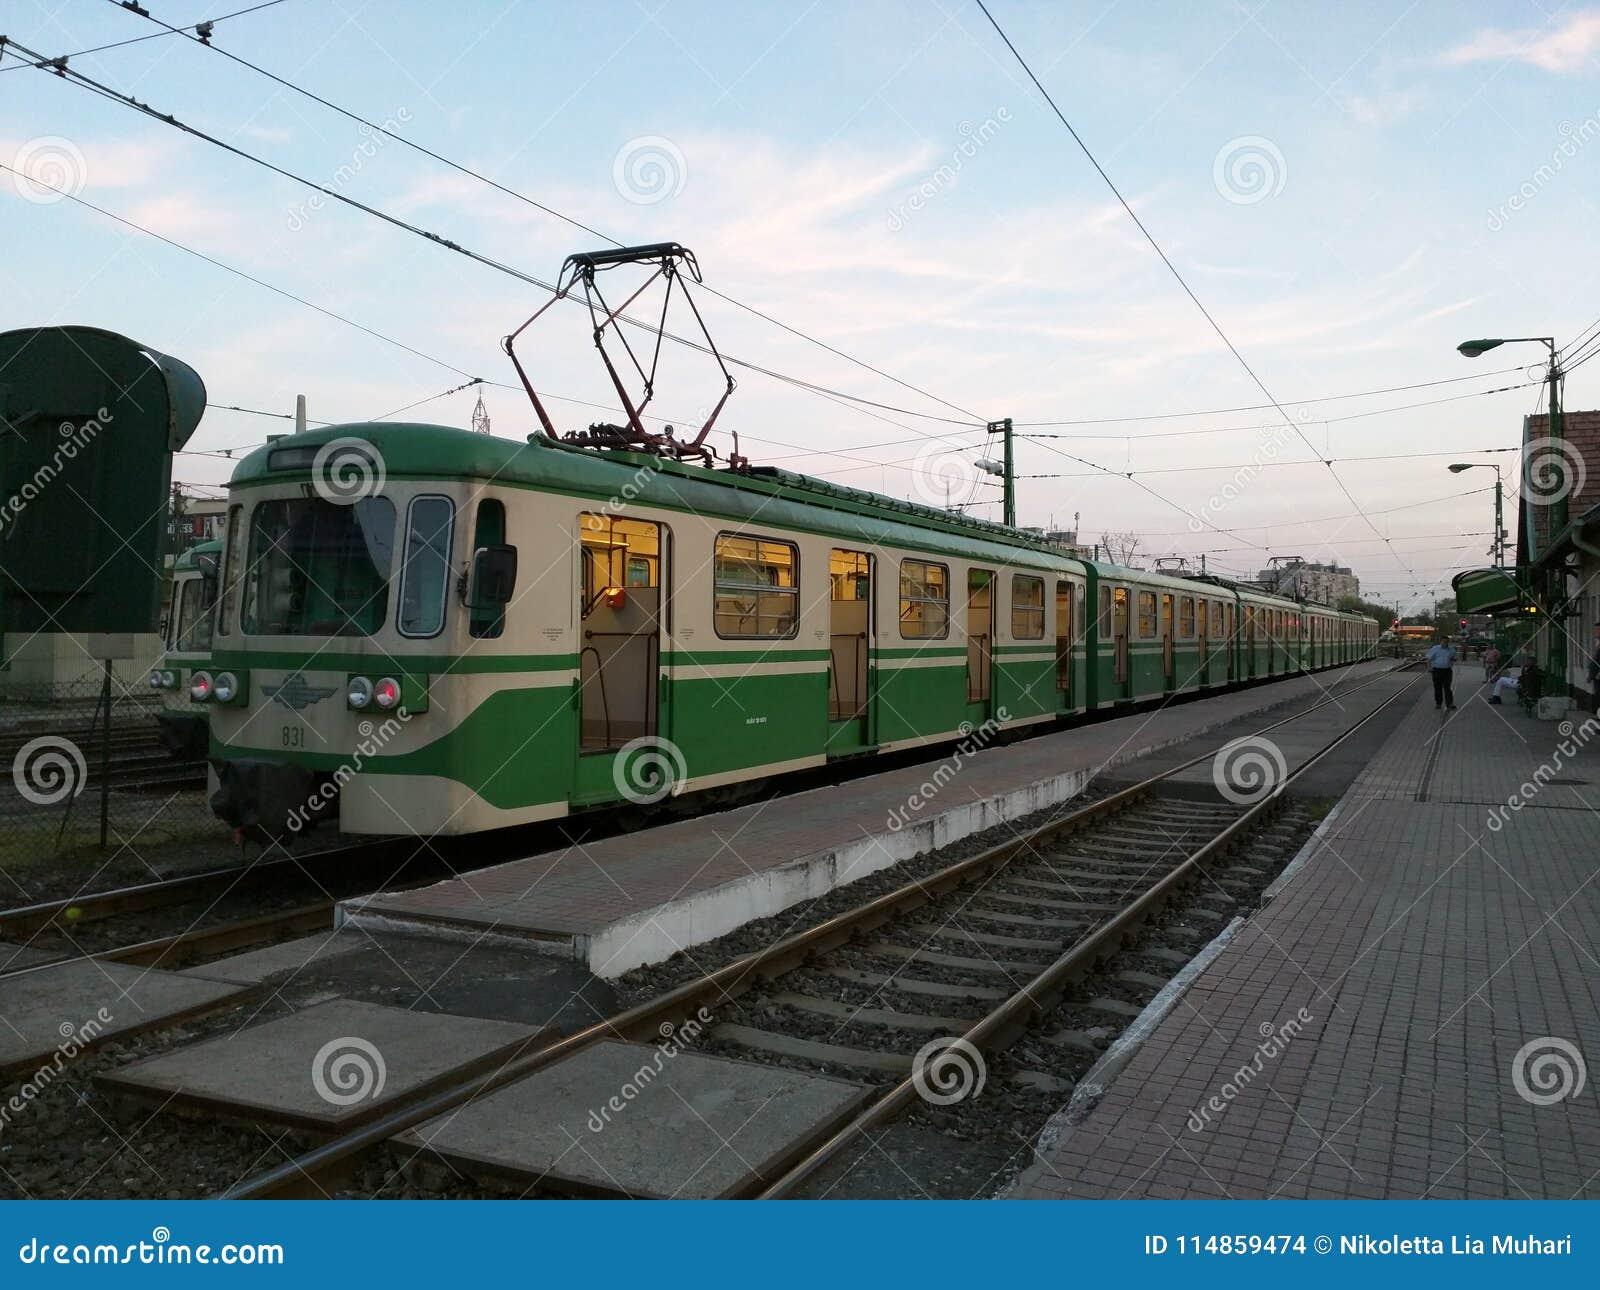 HÉV station in Budapest, Hungary